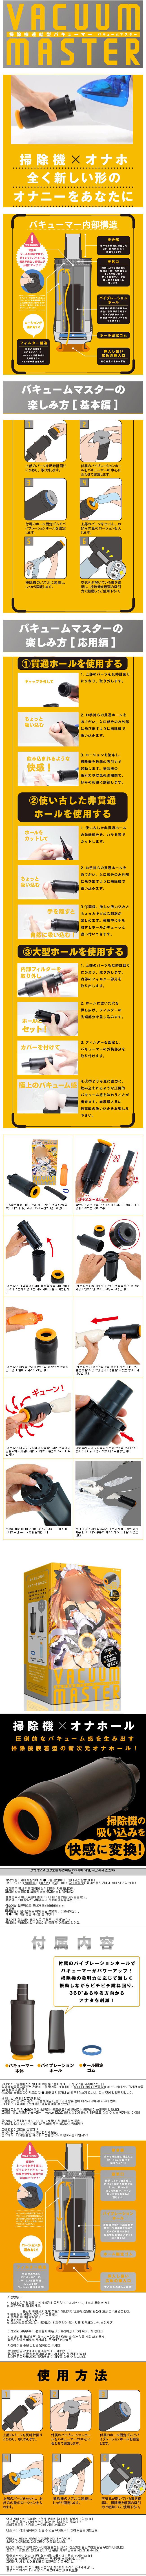 [일본 직수입] 진공 청소기 연결형 바큐마 진공 마스터(掃除機連結型バキューマー バキュームマスター)